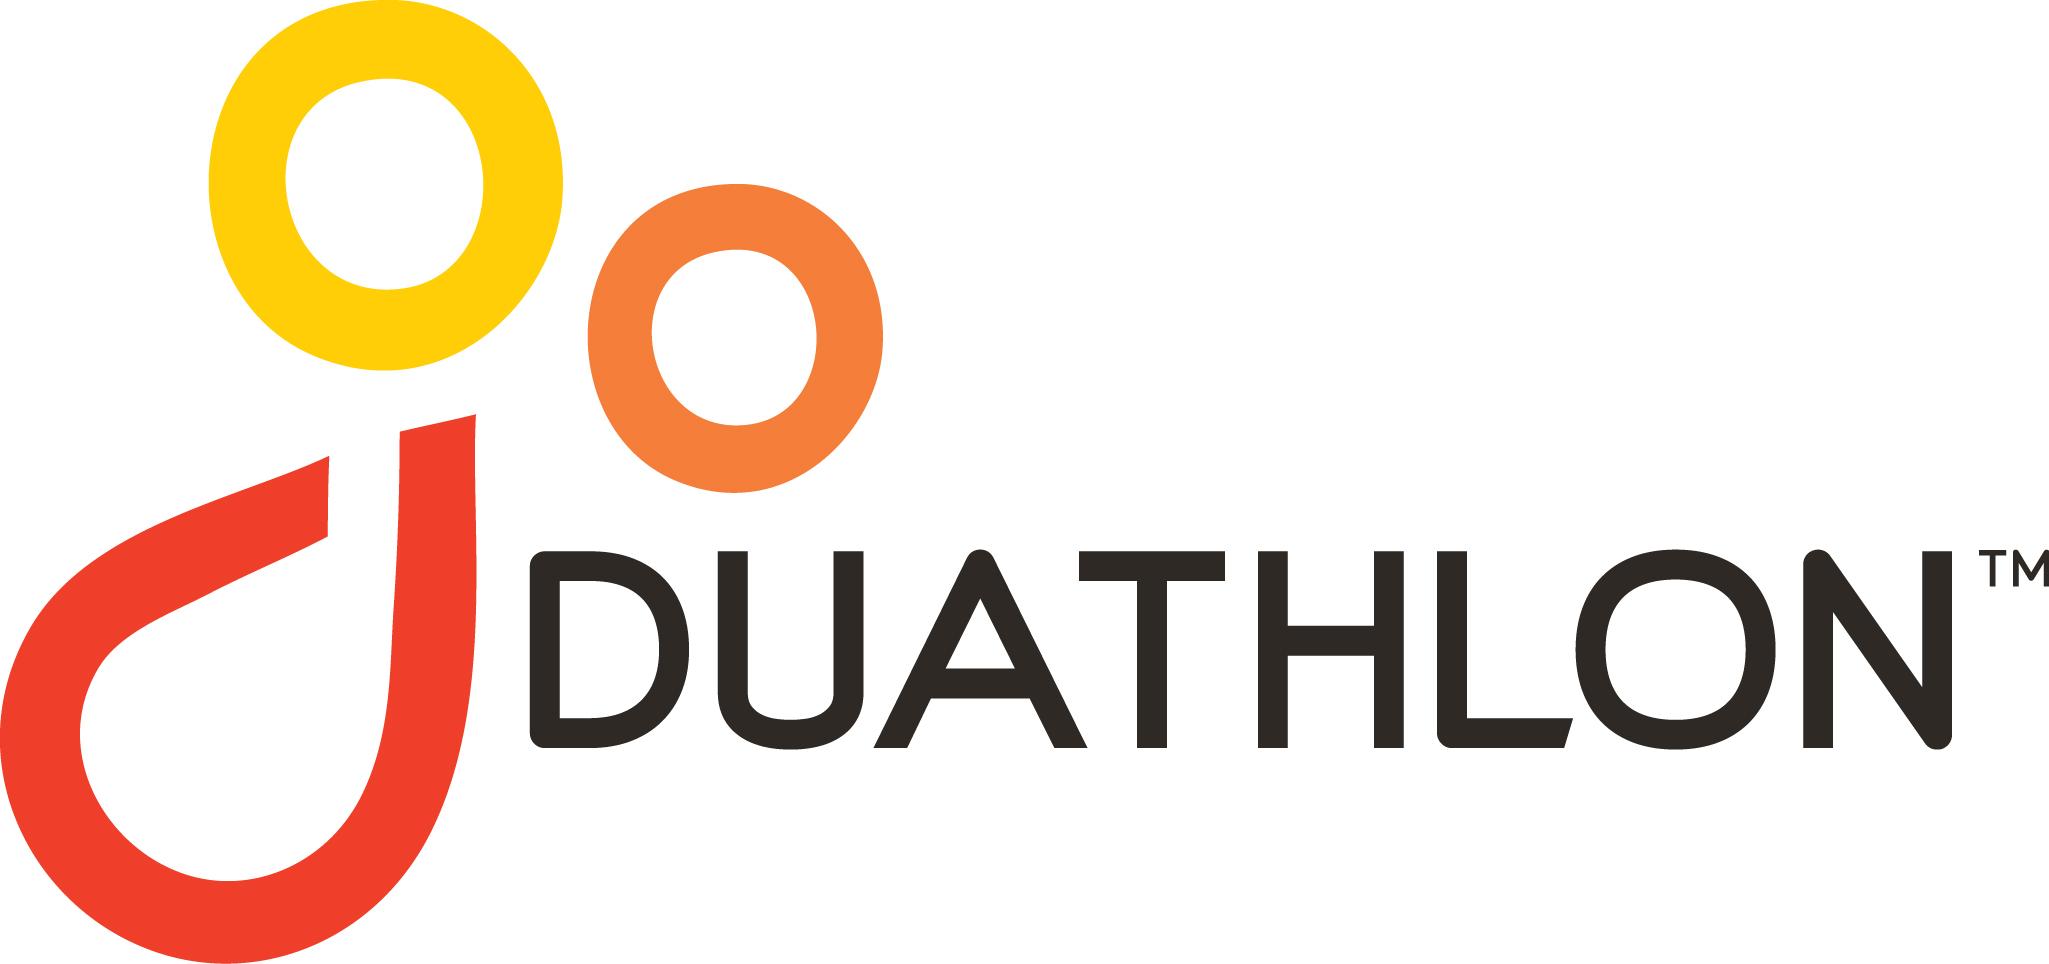 Go-Series Duathlon